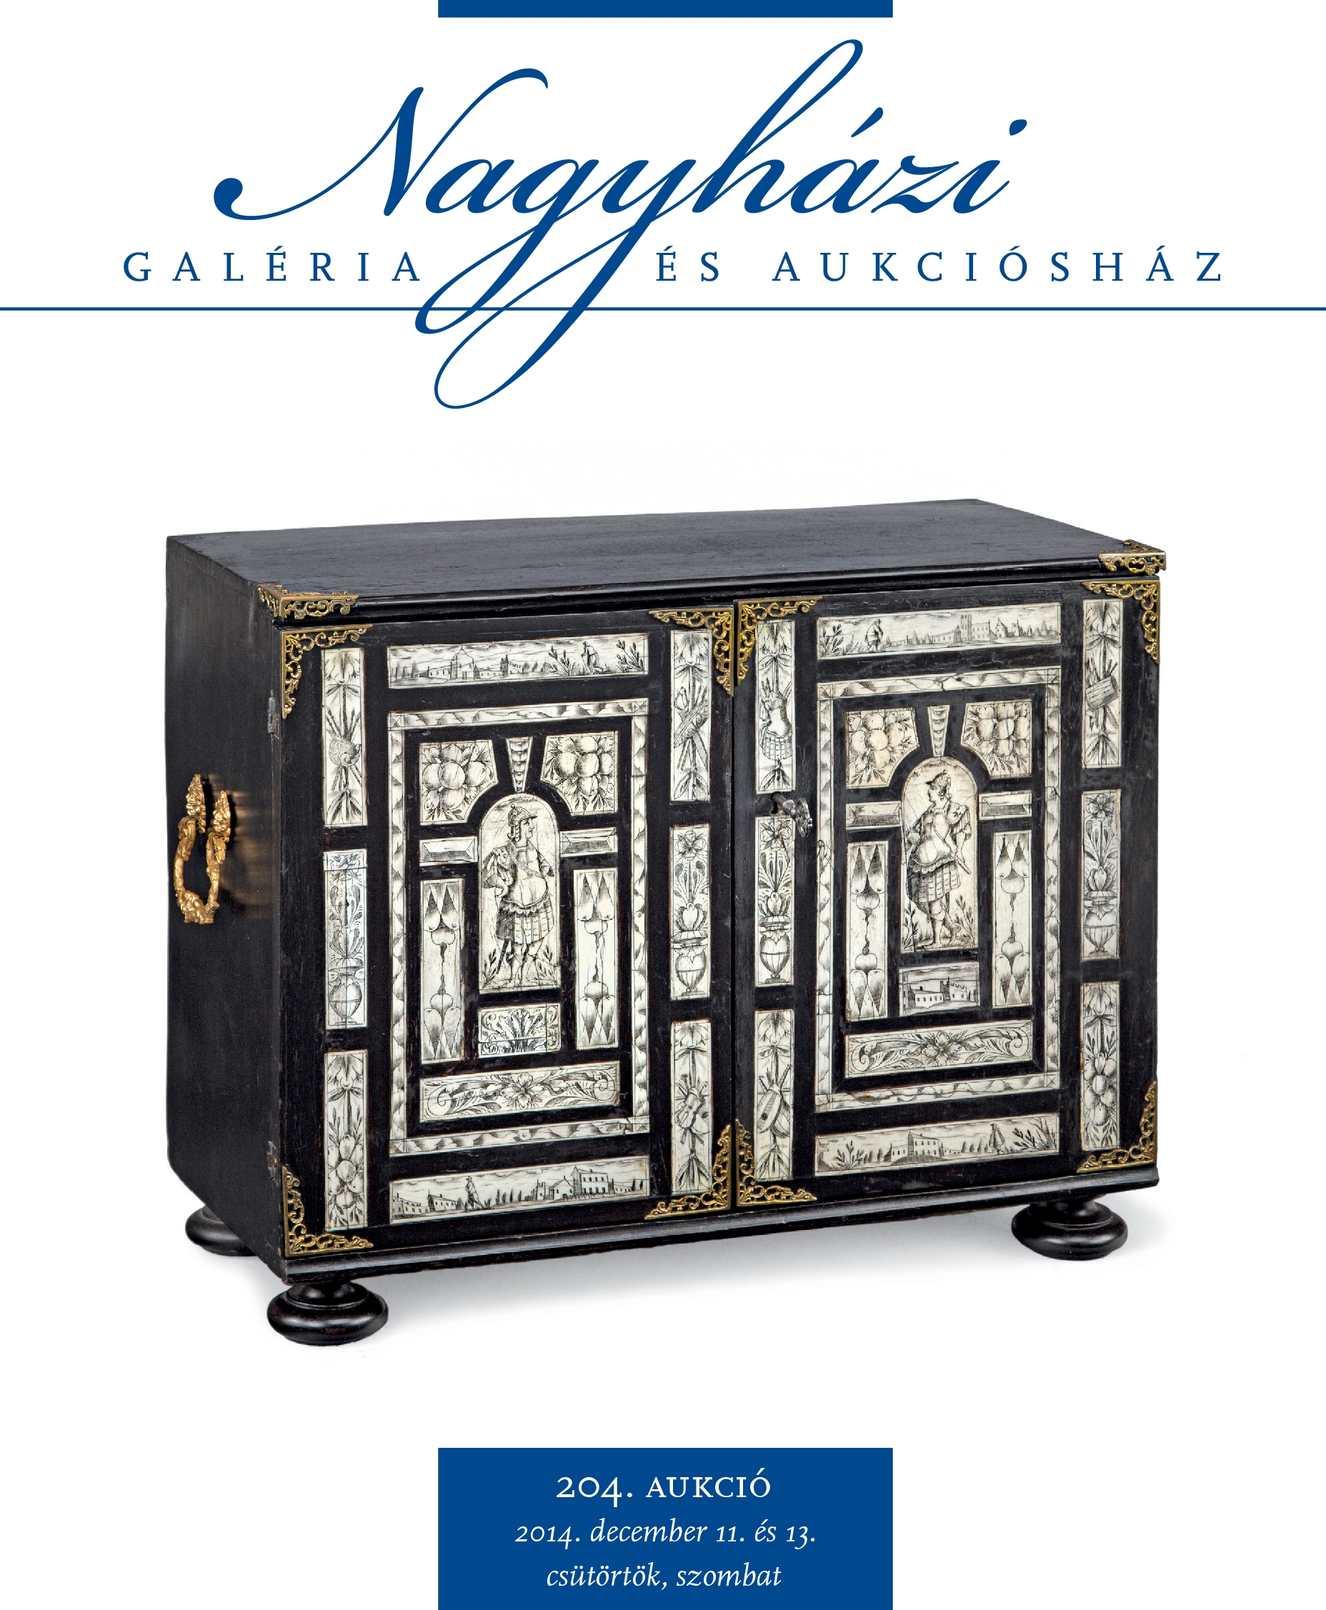 Calaméo - Nagyházi Galéria és Aukciósház - 204. aukció 5db7ef6d2f